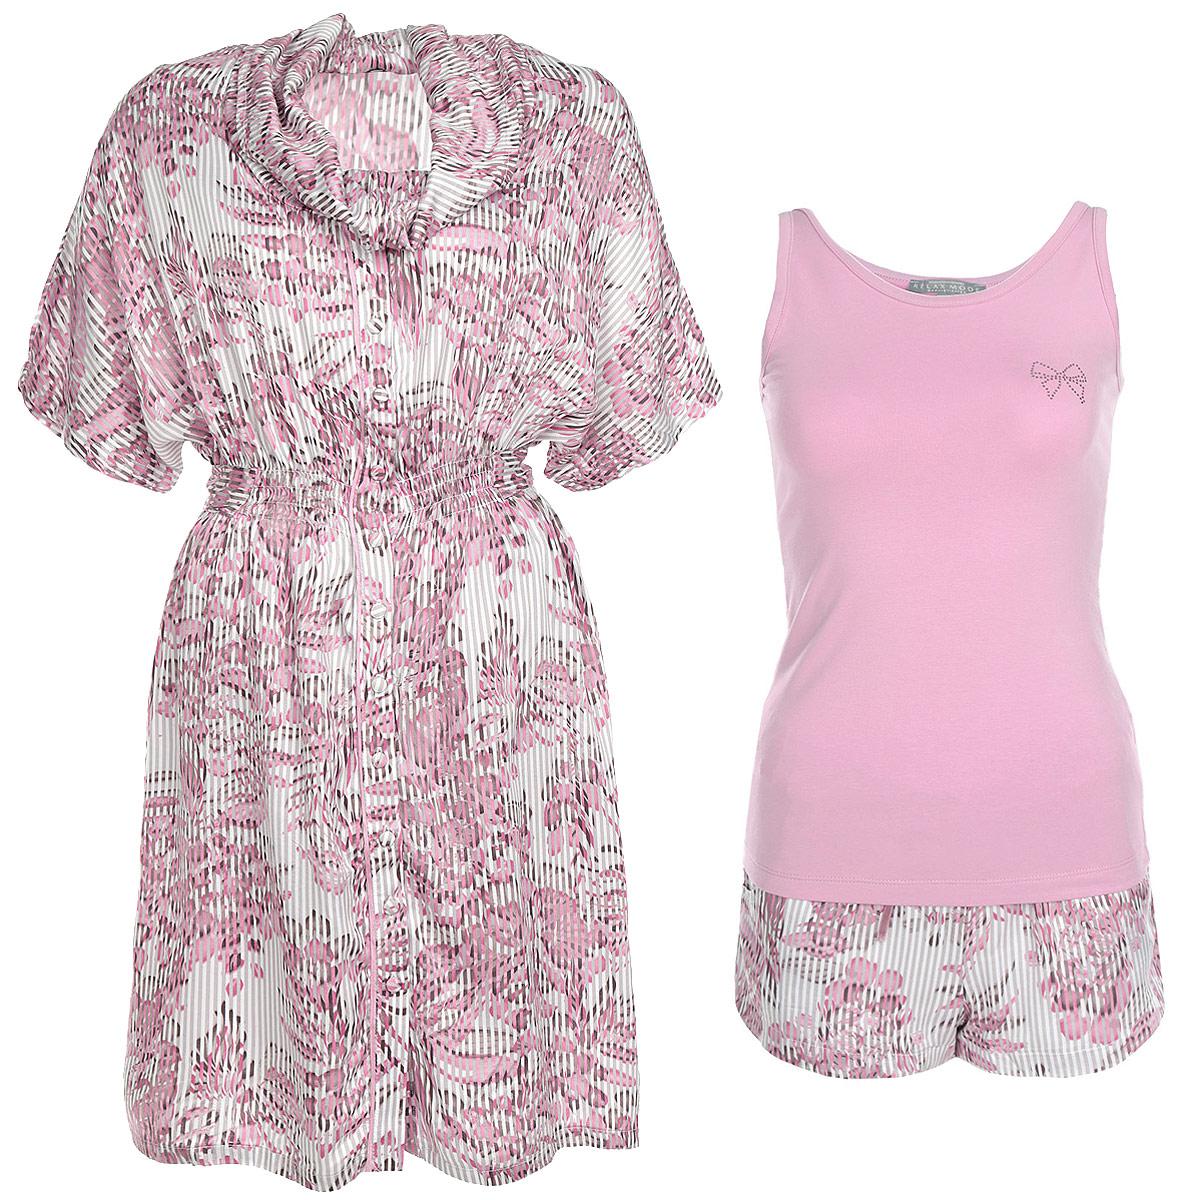 Комплект женский Relax Mode: майка, шорты, халат, цвет: пепельно-розовый. 25267. Размер XS (42)25267Женский комплект одежды для дома Relax Mode состоит из майки, шорт и халата. Комплект изготовлен из приятного на ощупь высококачественного материала. Майка, халат и шорты превосходно сидят, не сковывают движения и позволяют коже дышать. Эластичная майка с круглым вырезом горловины украшена узором в виде бантика из страз. Удобные шорты на широкой эластичной резинке - удобная и практичная вещь в гардеробе. Объем талии регулируется при помощи шнурка-кулиски. Свободный халат с короткими рукавами-кимоно и воротником-гольф дополнен эластичной резинкой на талии, а также широким завязками. Этот практичный и модный домашний комплект - настоящее воплощение комфорта. В нем вы всегда будете чувствовать себя удобно и уютно.